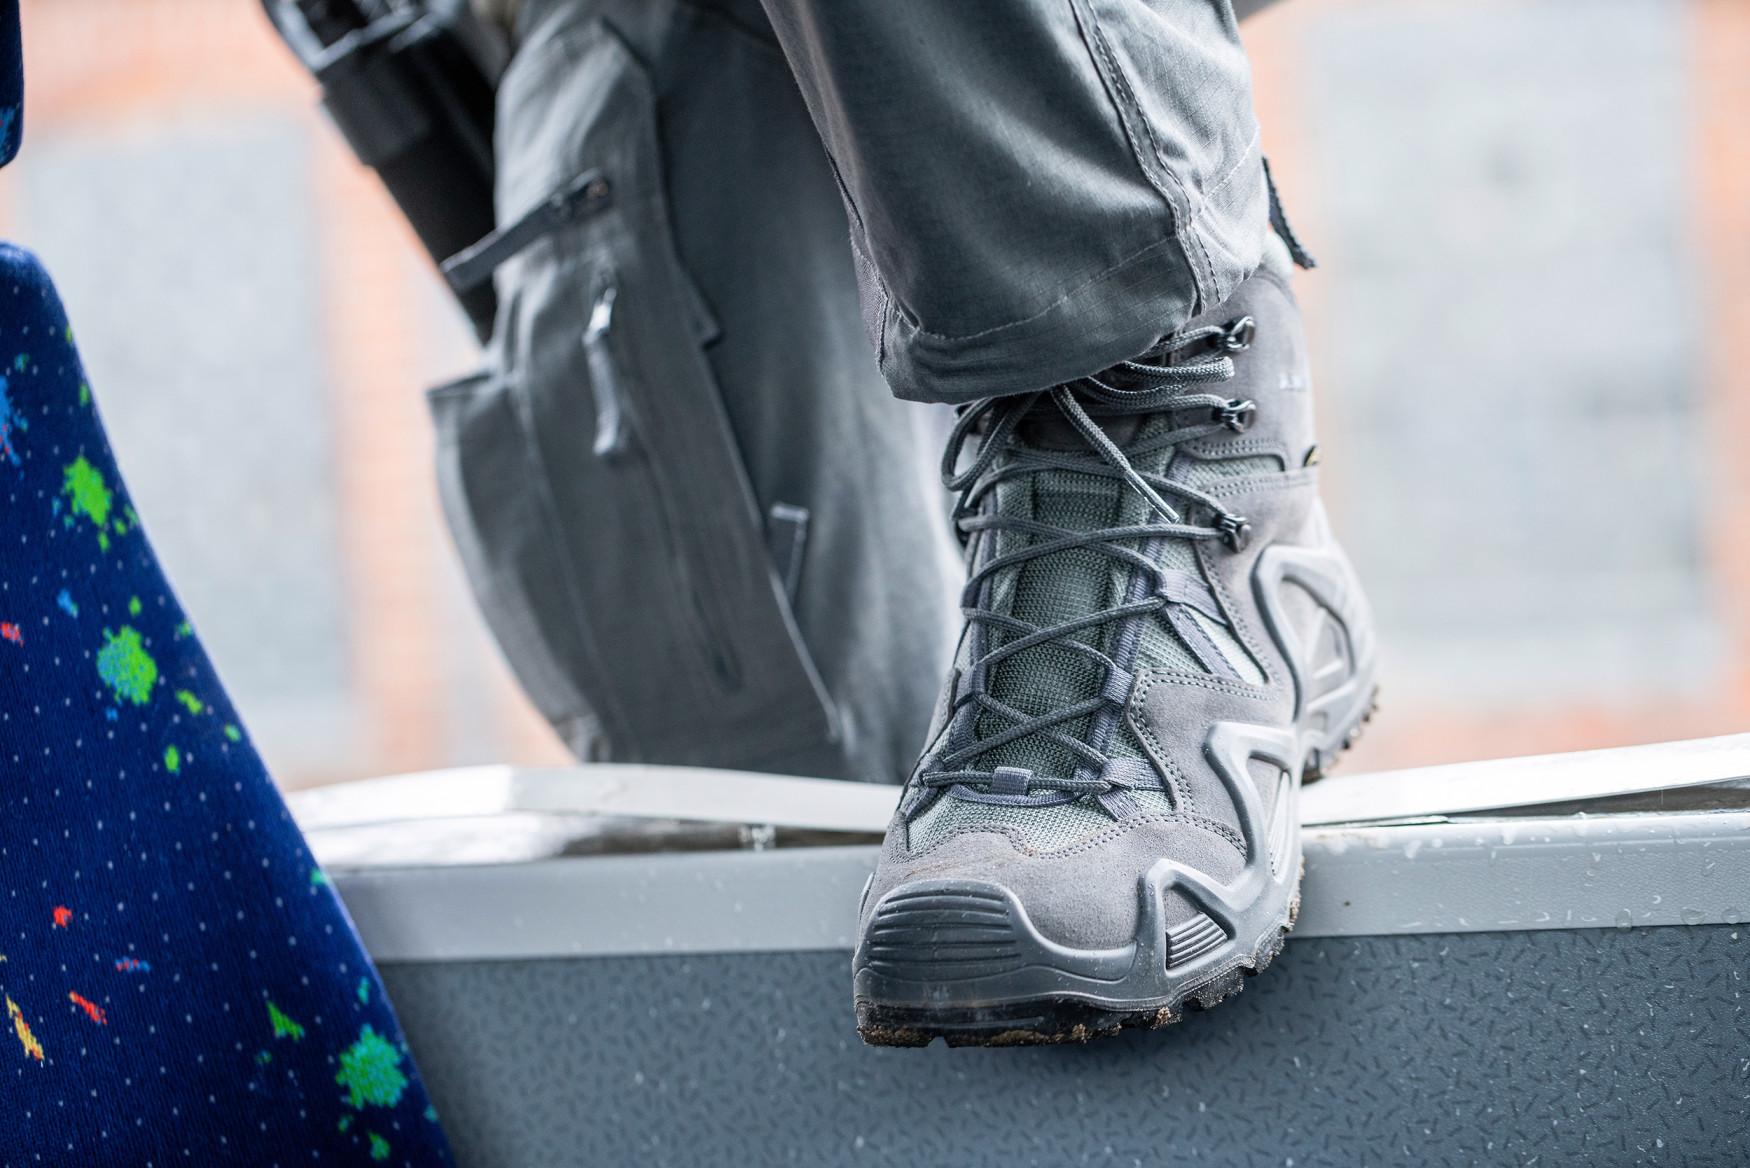 Die zertifizierte Damenversion des Einsatz-Multitalents: Mit dem Z-8S Ws C bietet LOWA einen robusten Schuh, der durch Funktionalität und niedriges Gewicht überzeugt.  Er ist perfekt abgestimmt auf Einsätze in trockenen Regionen mit schwierigem Gelände und Märsche mit mittelschwerem Gepäck. Diese Eignung wird ebenfalls durch die einsatzoptimierte Gummimischung und Profilierung der Sohle unterstrichen. Der wärme- und kälteisolierende Sohlenkomplex bietet rutschhemmende, öl- und kraftstoffbeständige Eigenschaften und ist resistent gegen Kontaktwärme. Der mittelhohe Schaft aus besonders strapazierfähigem Büffelleder sorgt für optimalen Halt und Unterstützung, während das langlebige PU-Material der Sohle durch unterschiedliche Härtegrade eine sehr gute Dämpfung und Trittstabilität ermöglicht. Der Z-8S Ws C ist zudem antistatisch.